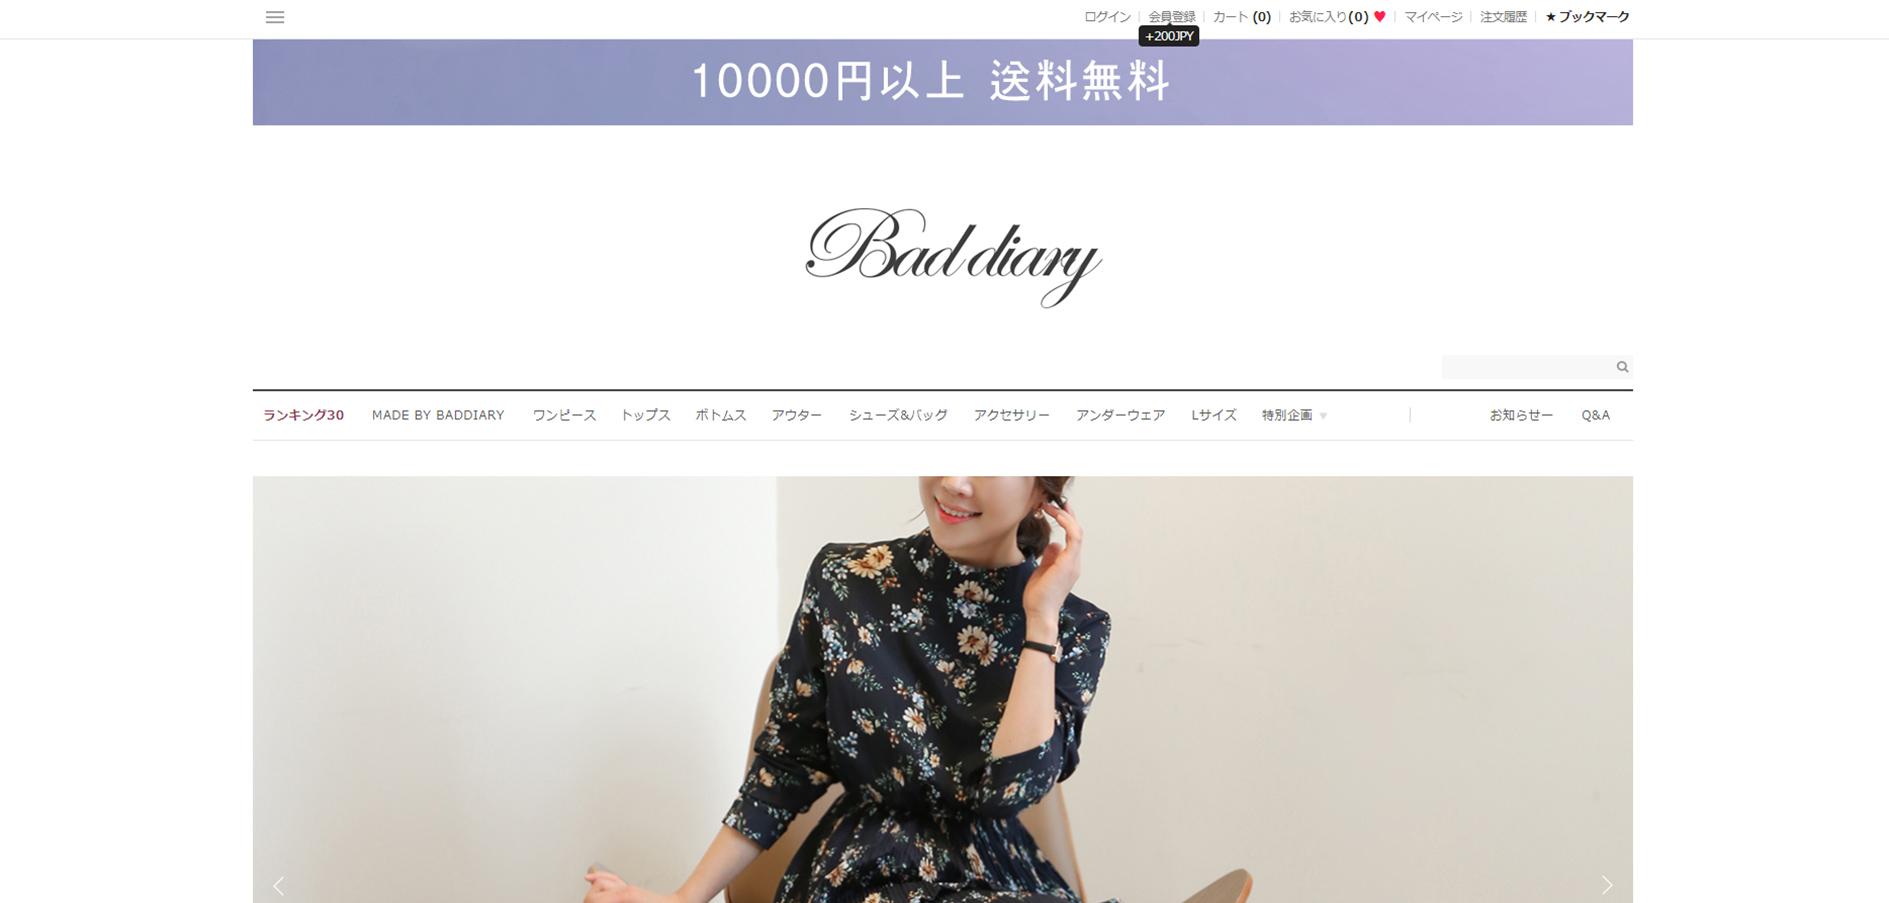 20代におすすめな韓国ファッション通販サイトのBAD DIARY(バッドダイアリー)